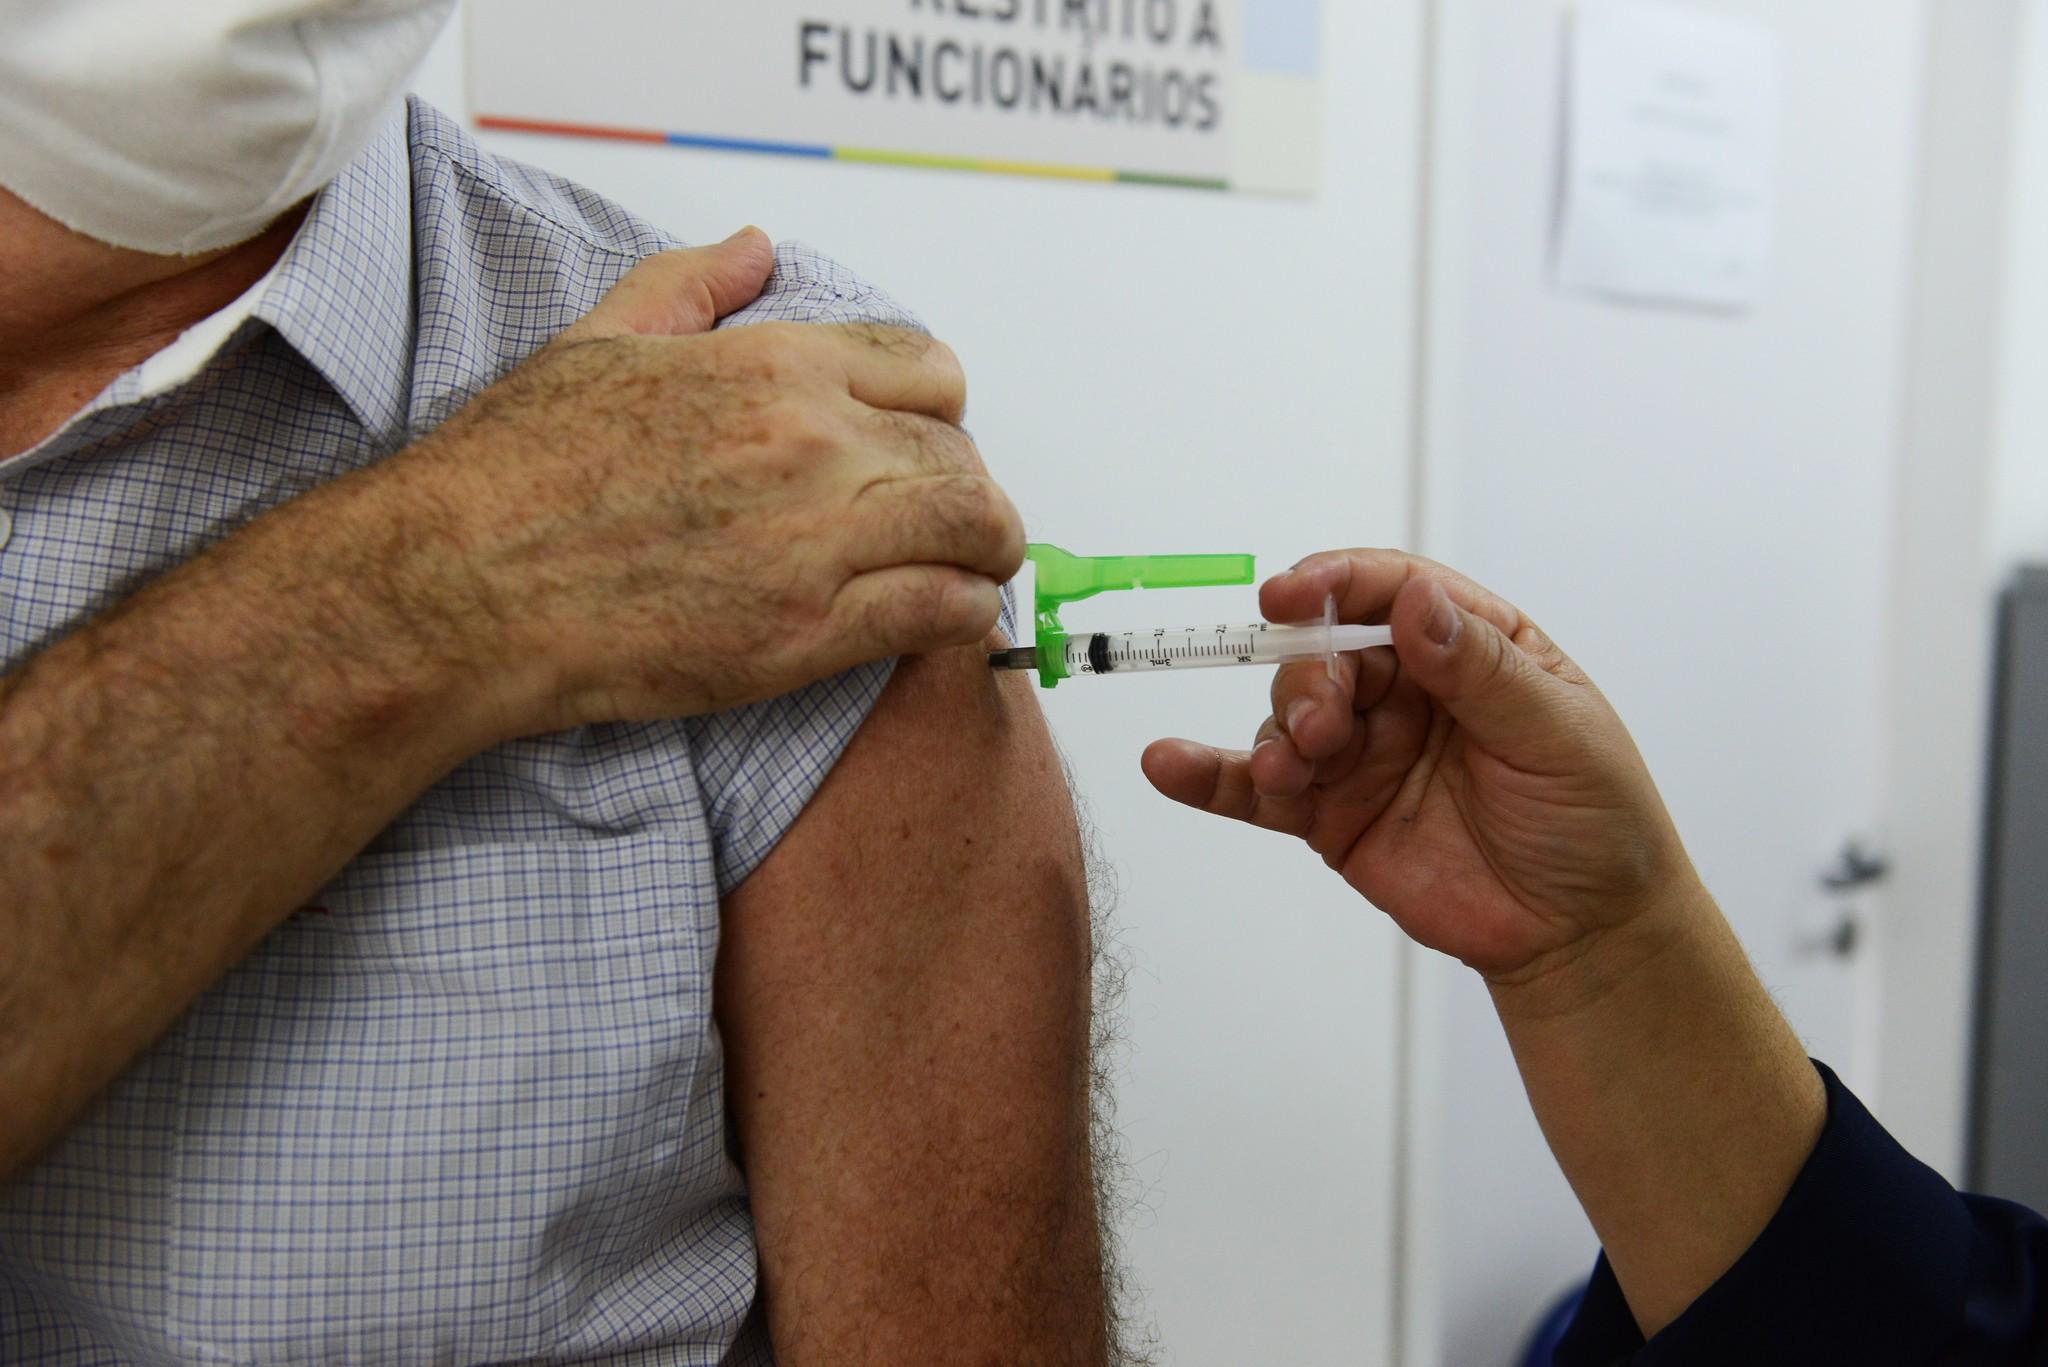 Covid-19: Campinas completa vacinação de todos os idosos e tem 5 faixas etárias com mais de 50% de imunizados; veja balanço